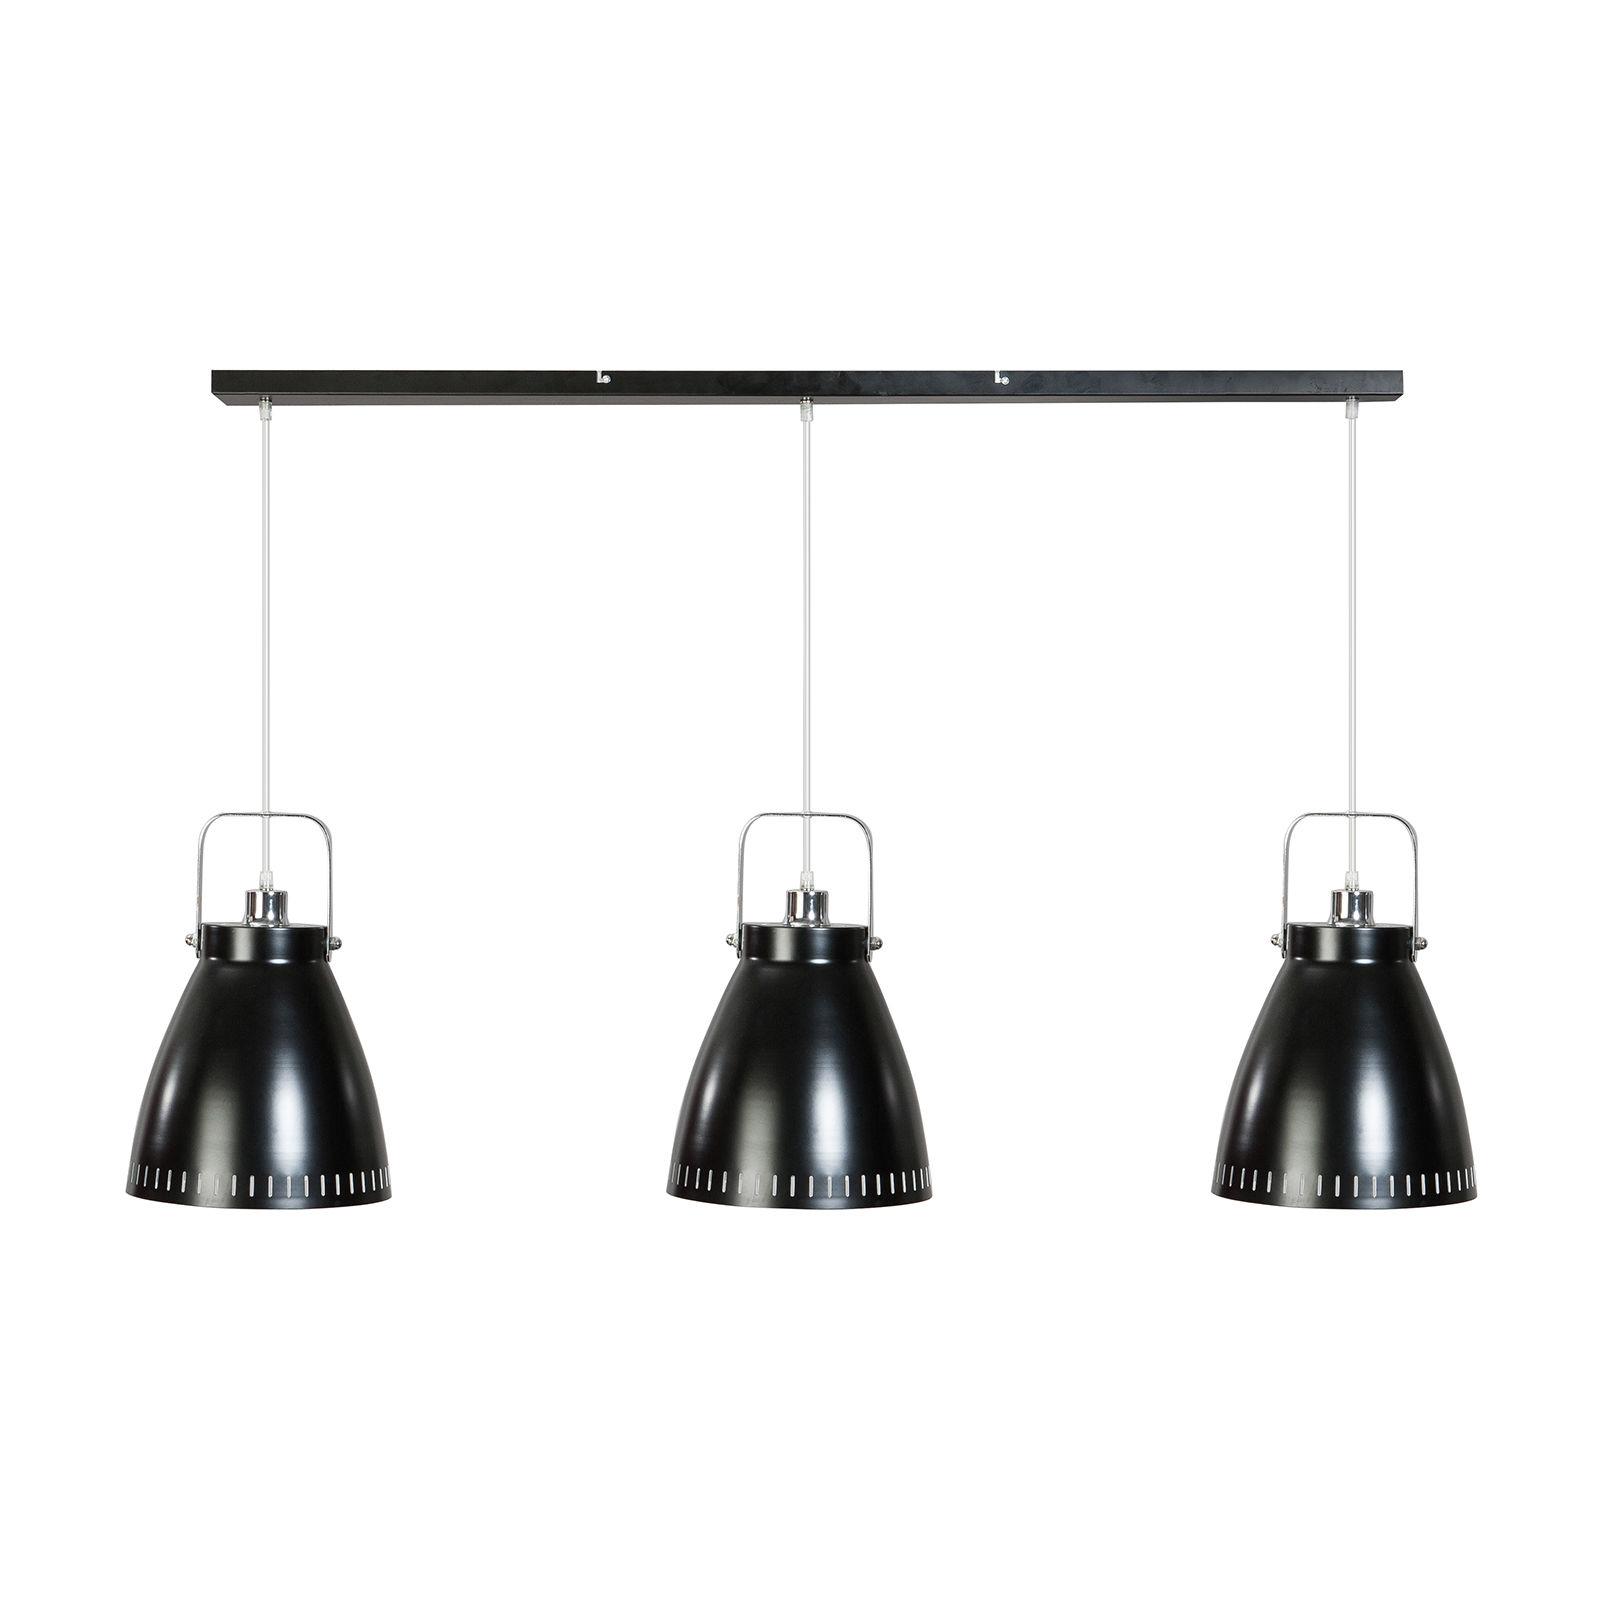 Acate hanglamp ETH chroom - zwart